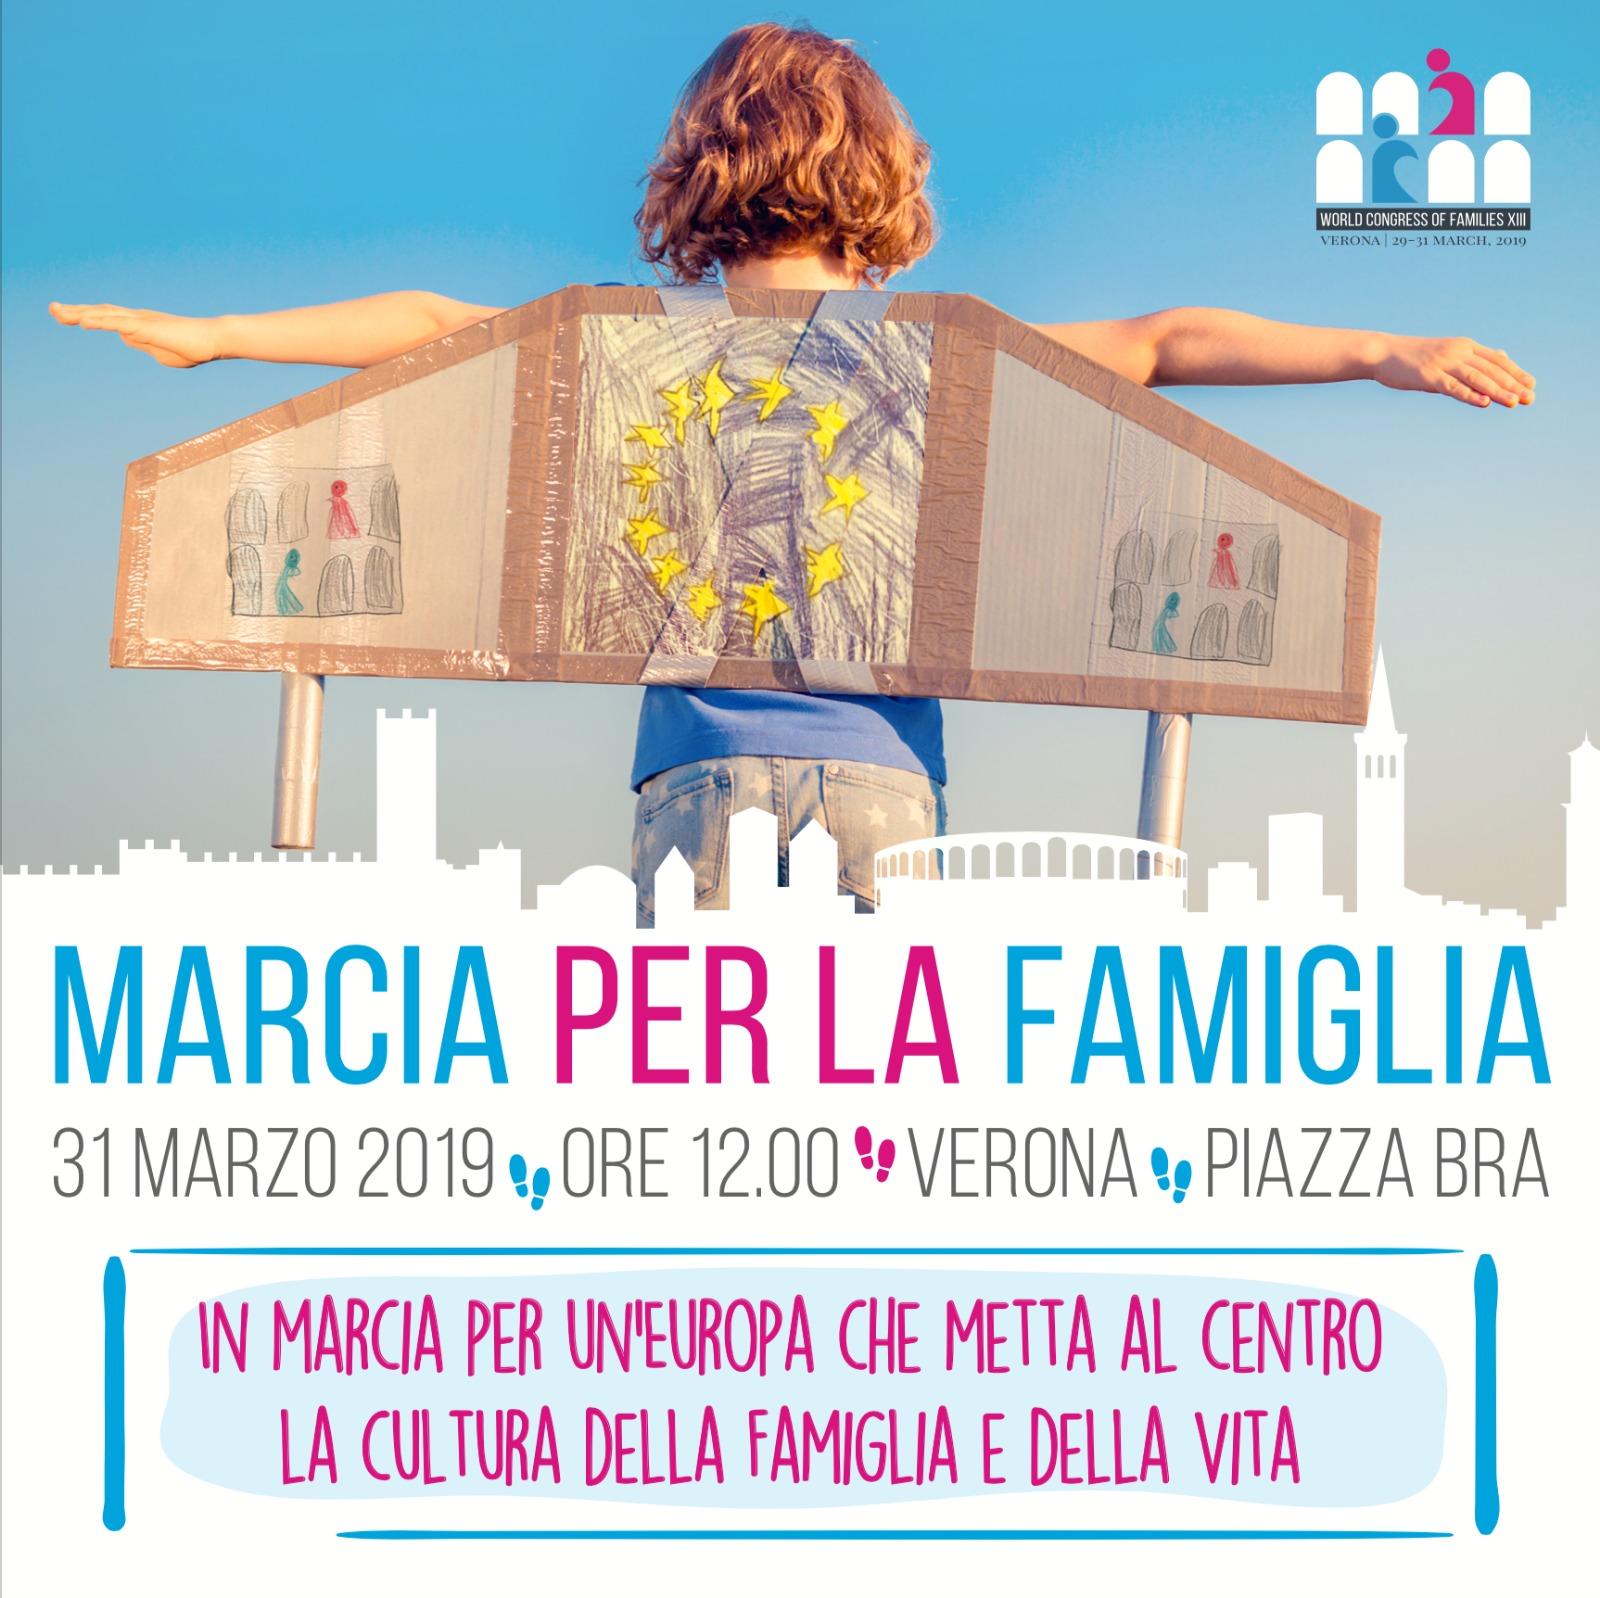 2019_03_31-Marcia-per-la-famiglia.jpg